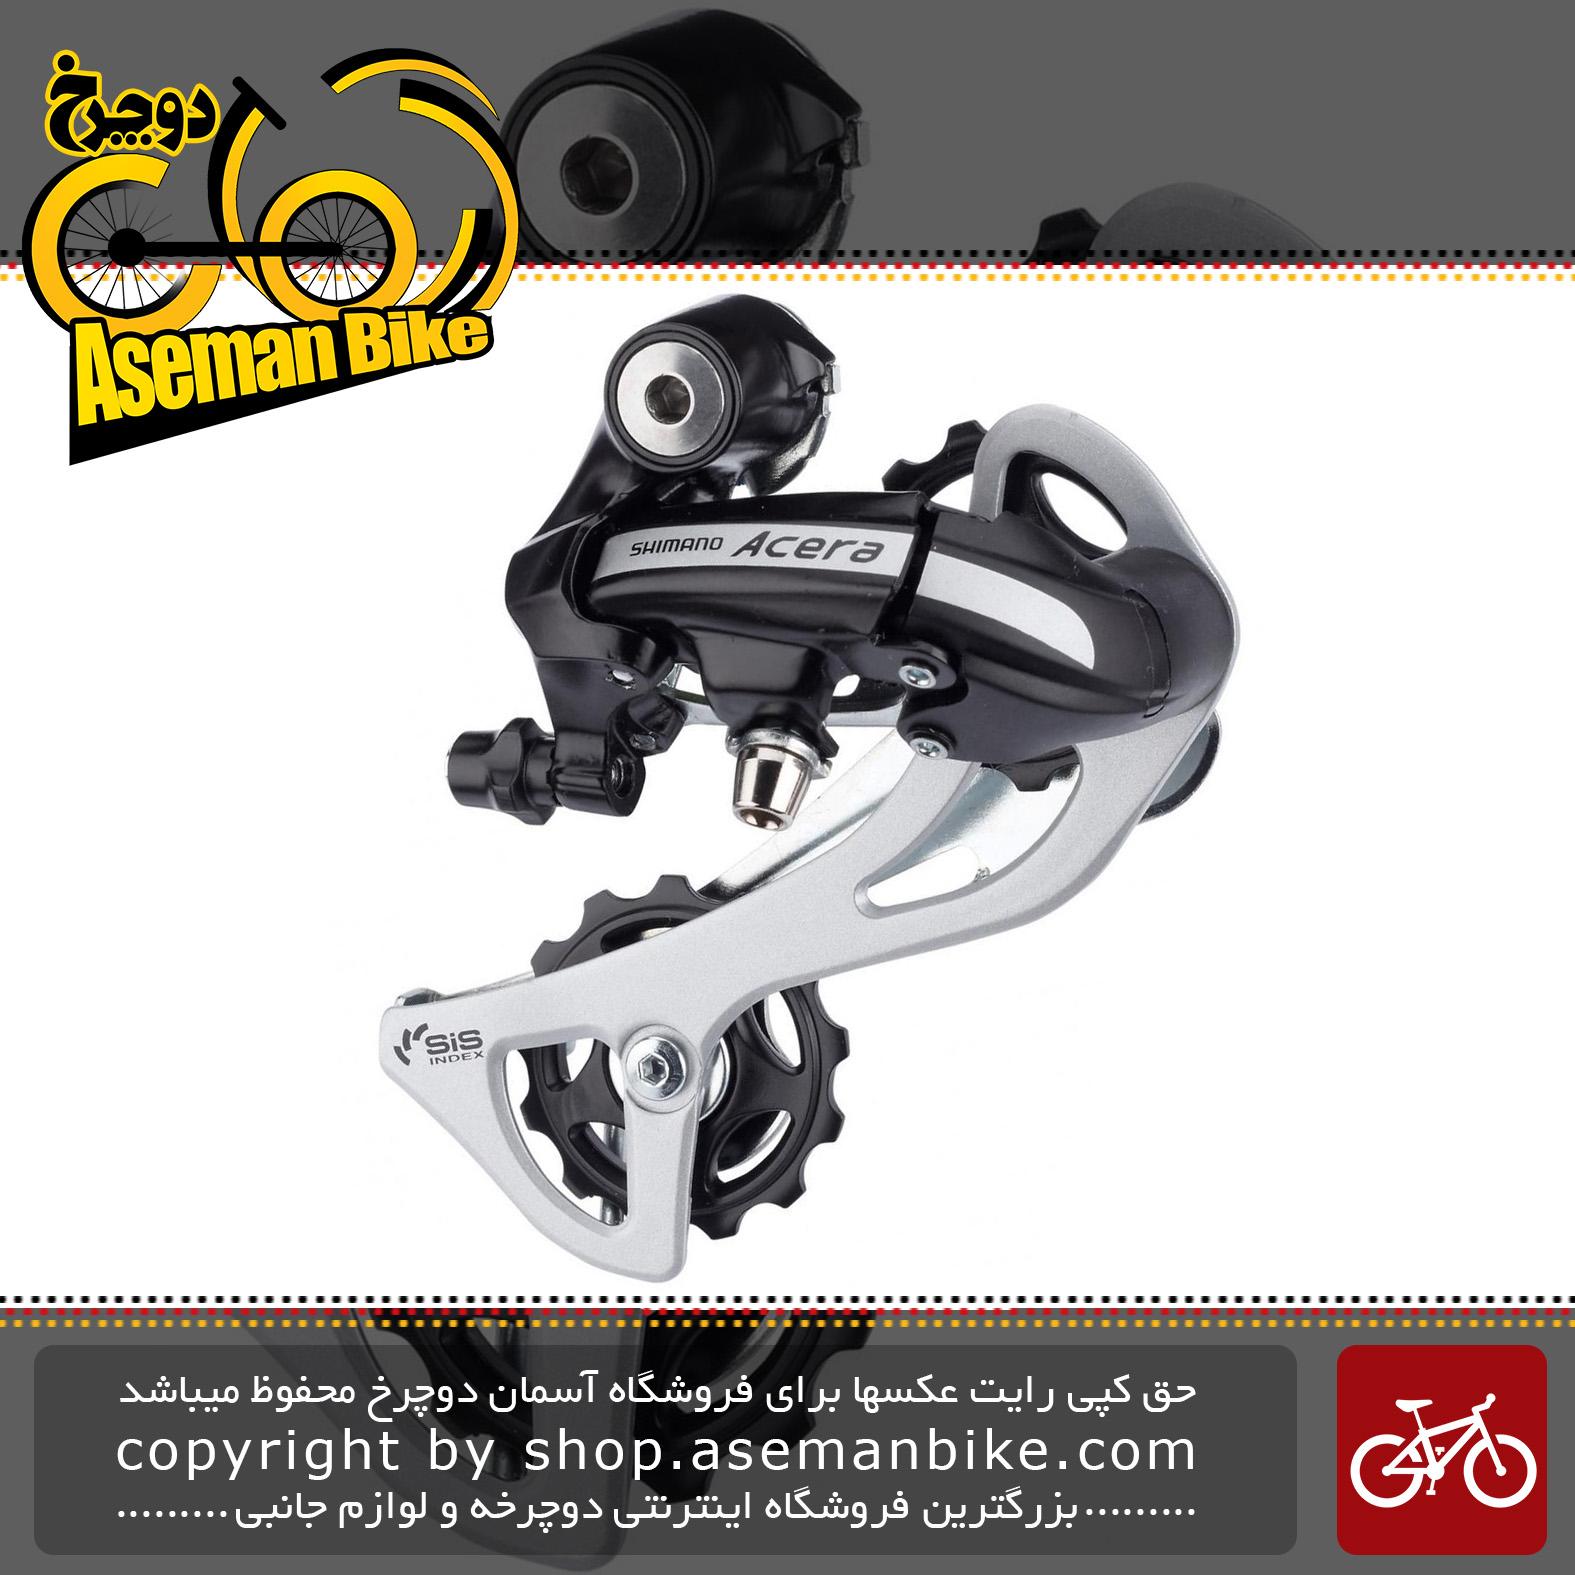 شانژمان دوچرخه کوهستان شیمانو مدل آسرا 8-7 سرعته Shimano Acera RD-M360